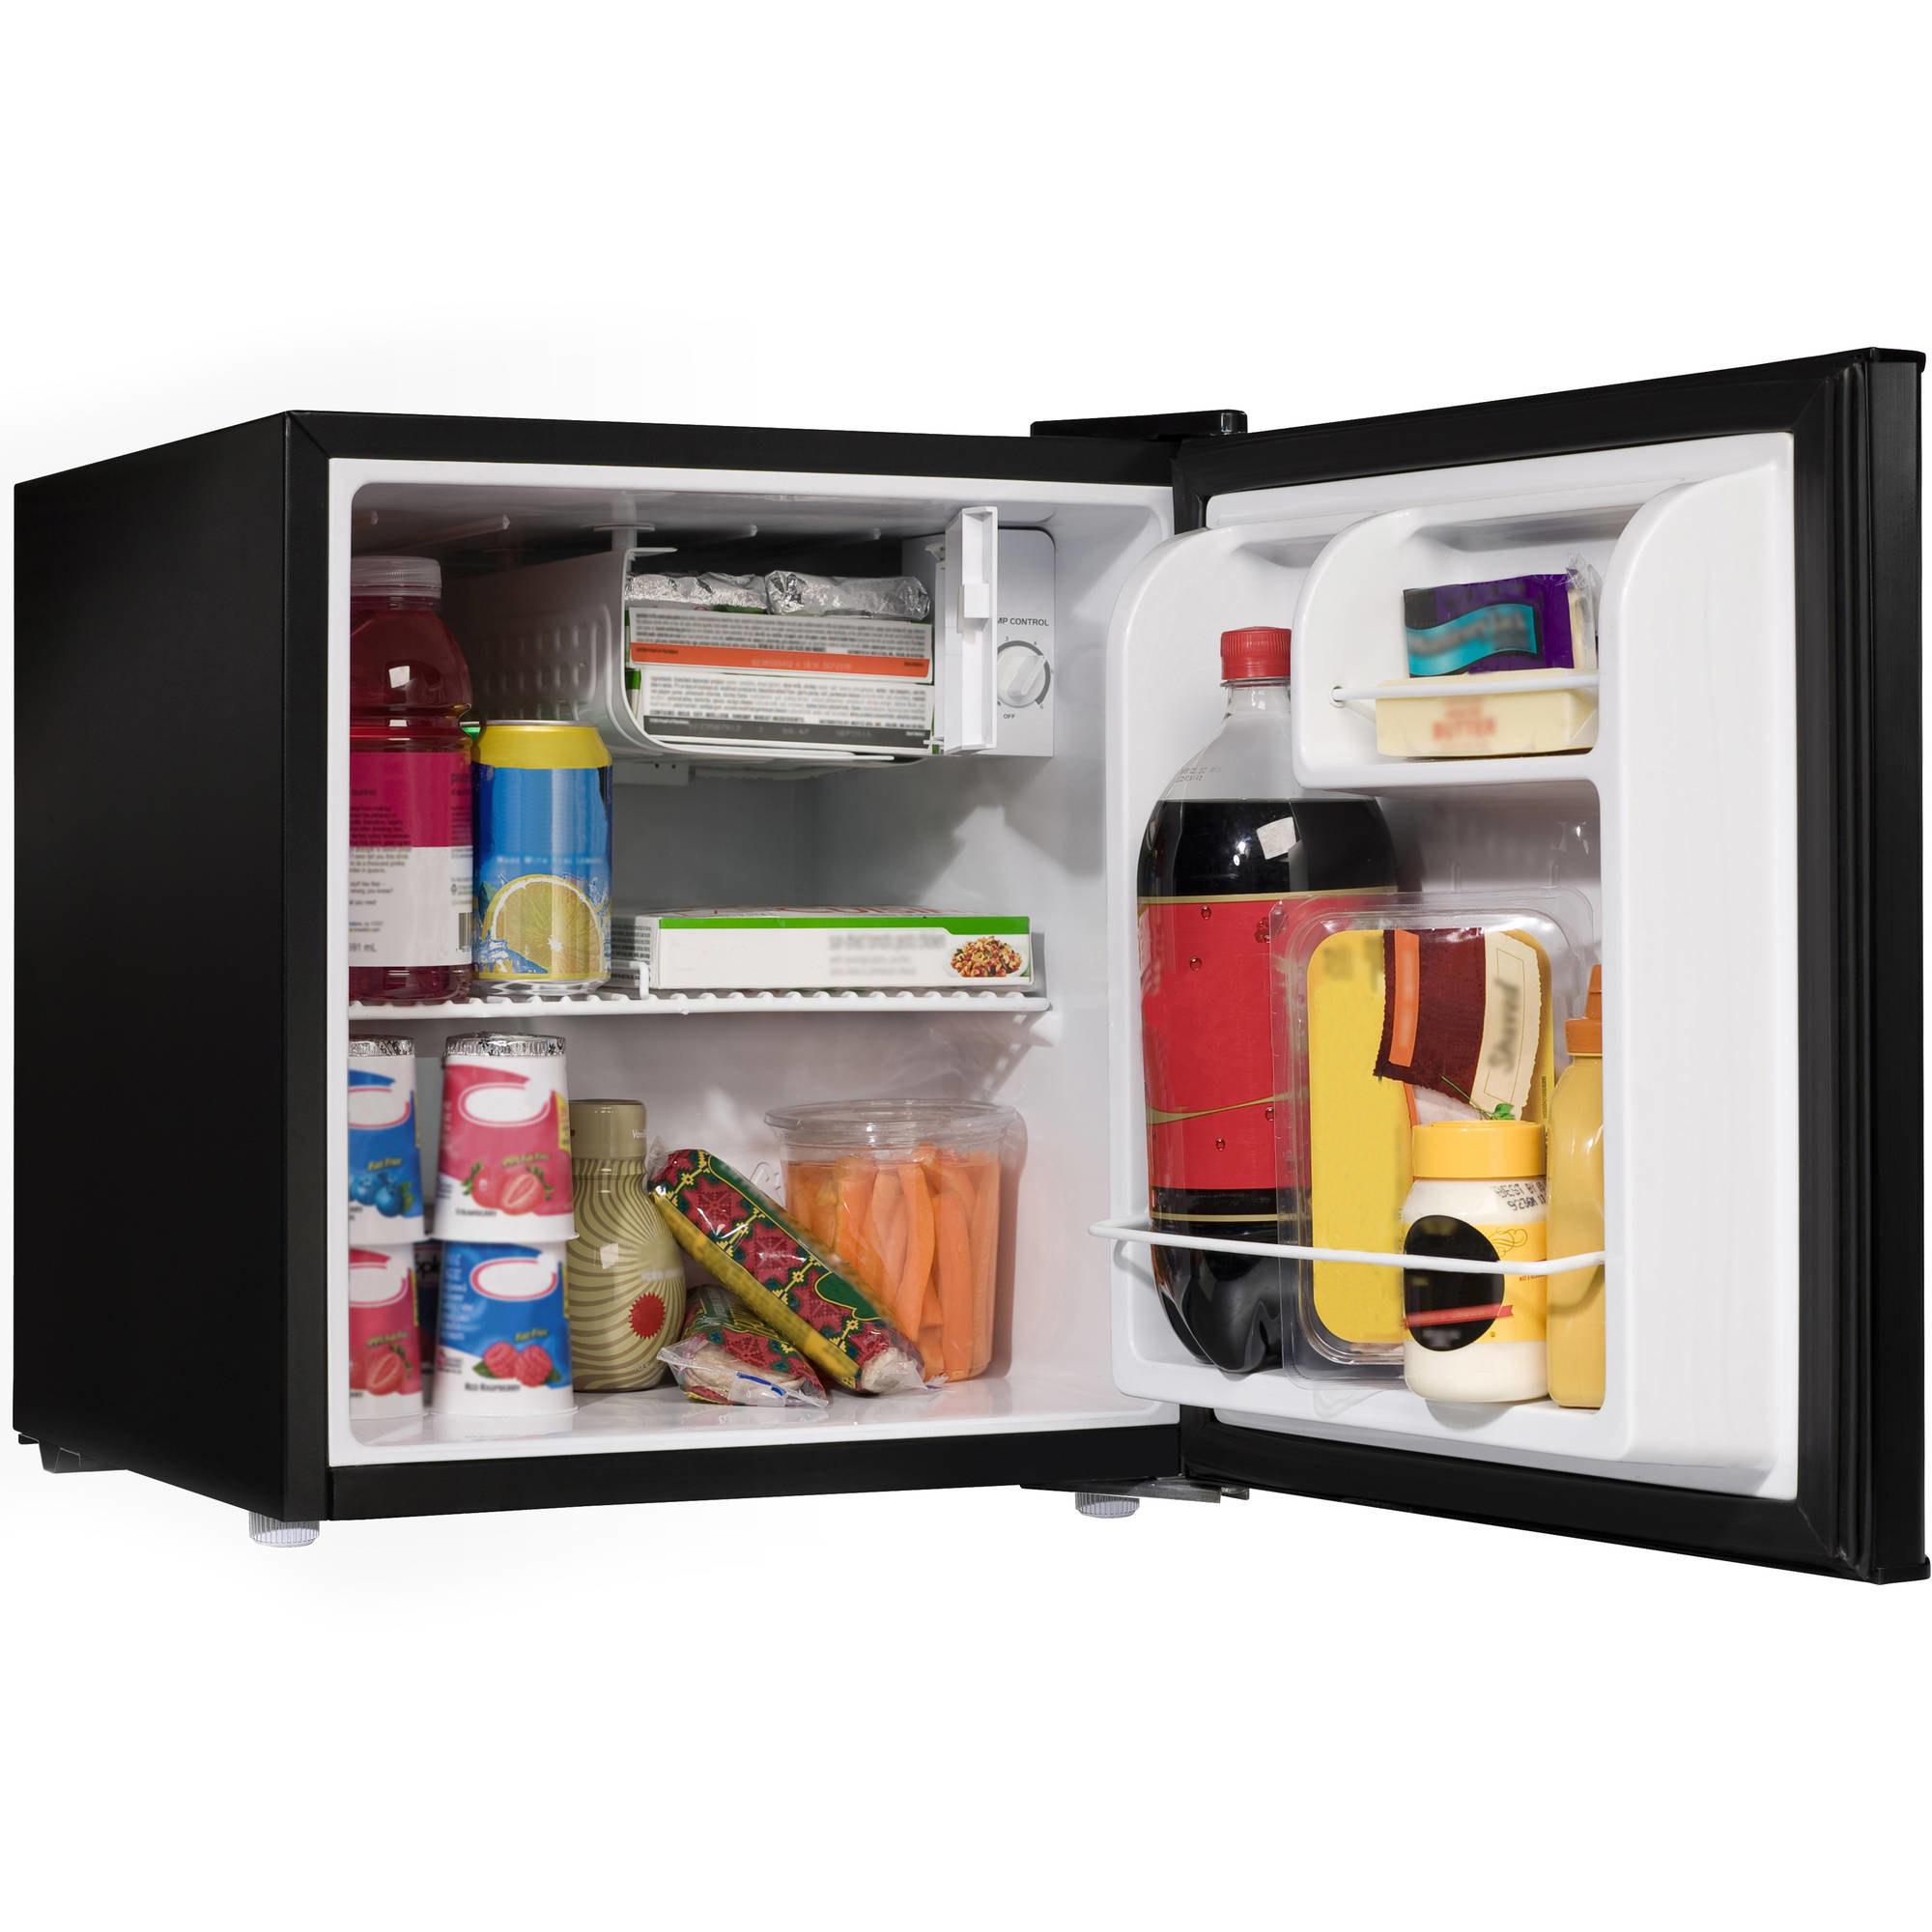 A black mini fridge